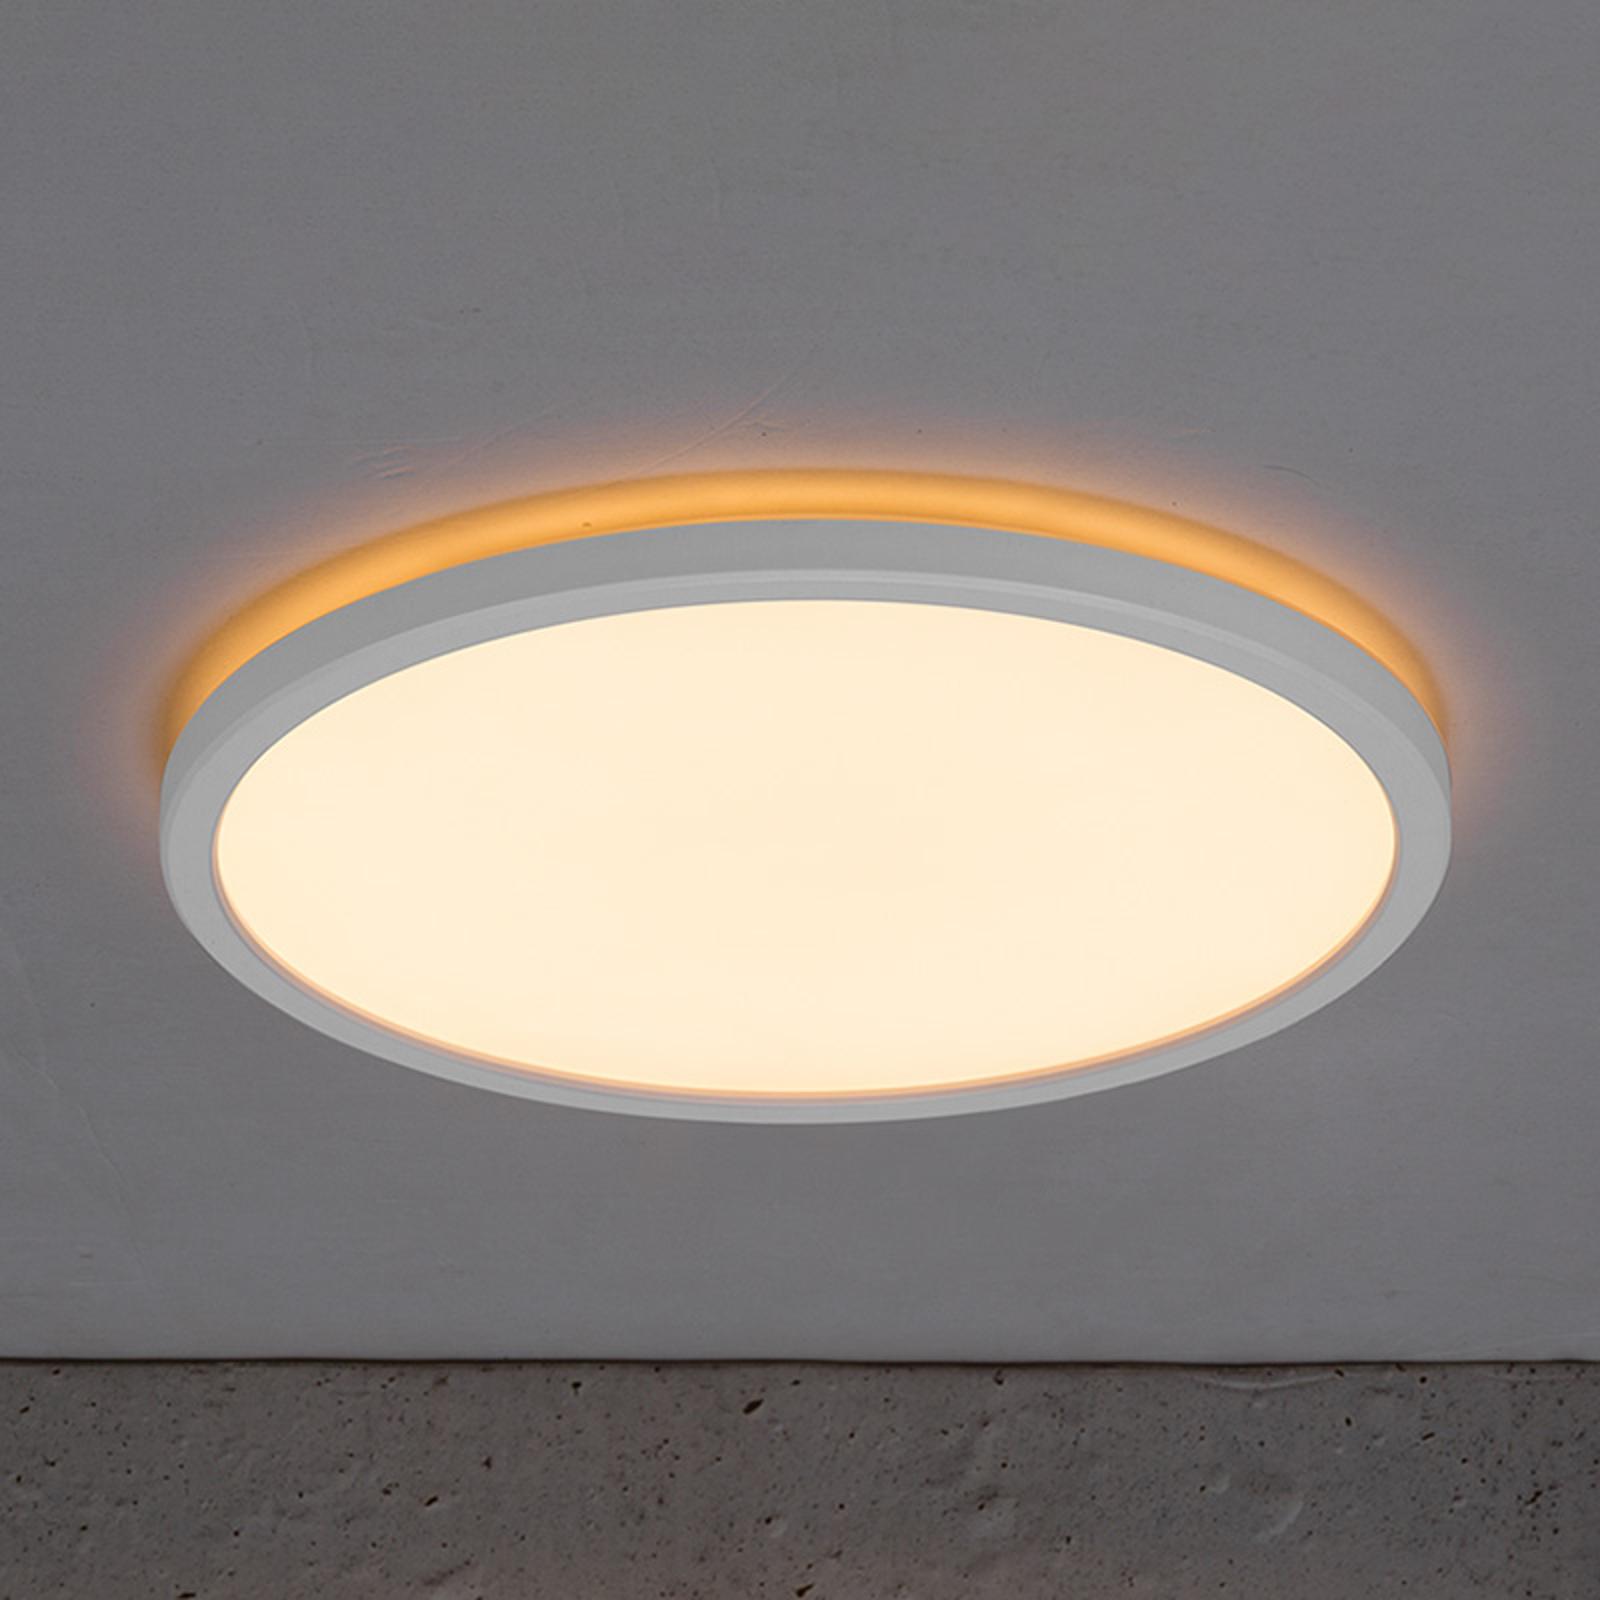 LED-Deckenleuchte Bronx 2.700 K, Ø 29 cm